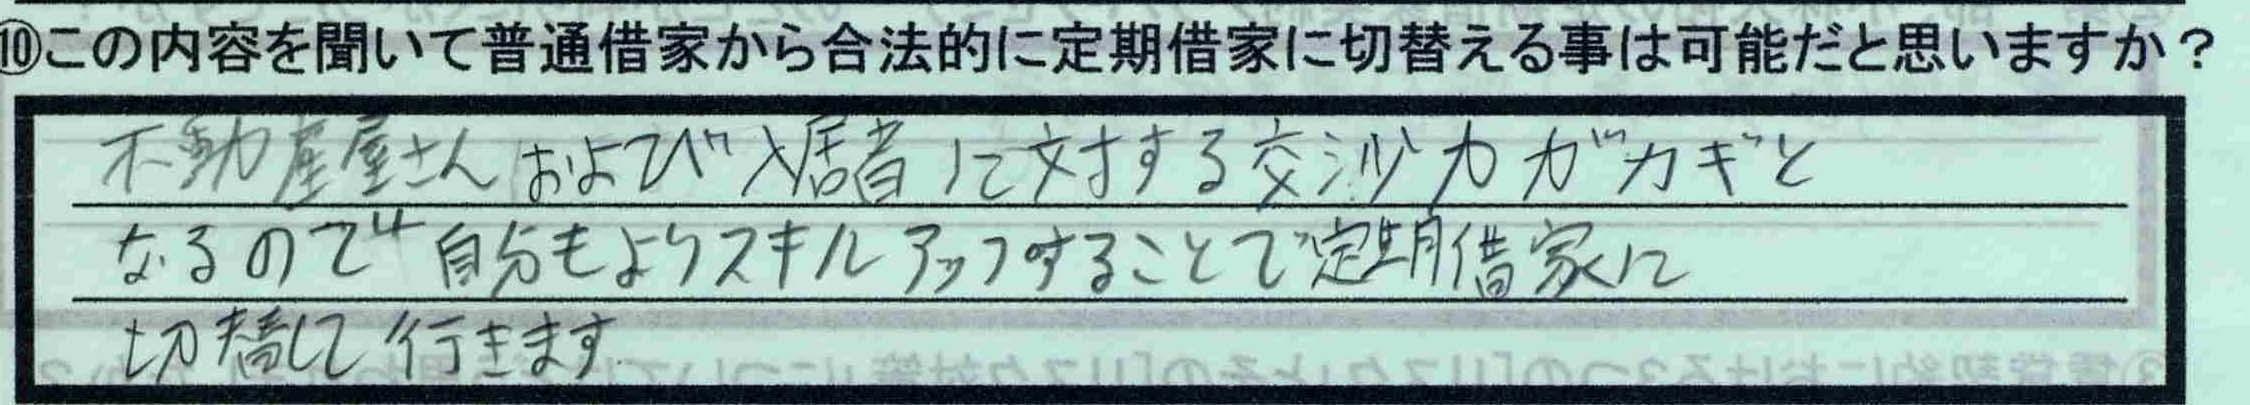 【東京都板橋区】【Y.Sさん】【切替は可能か?】